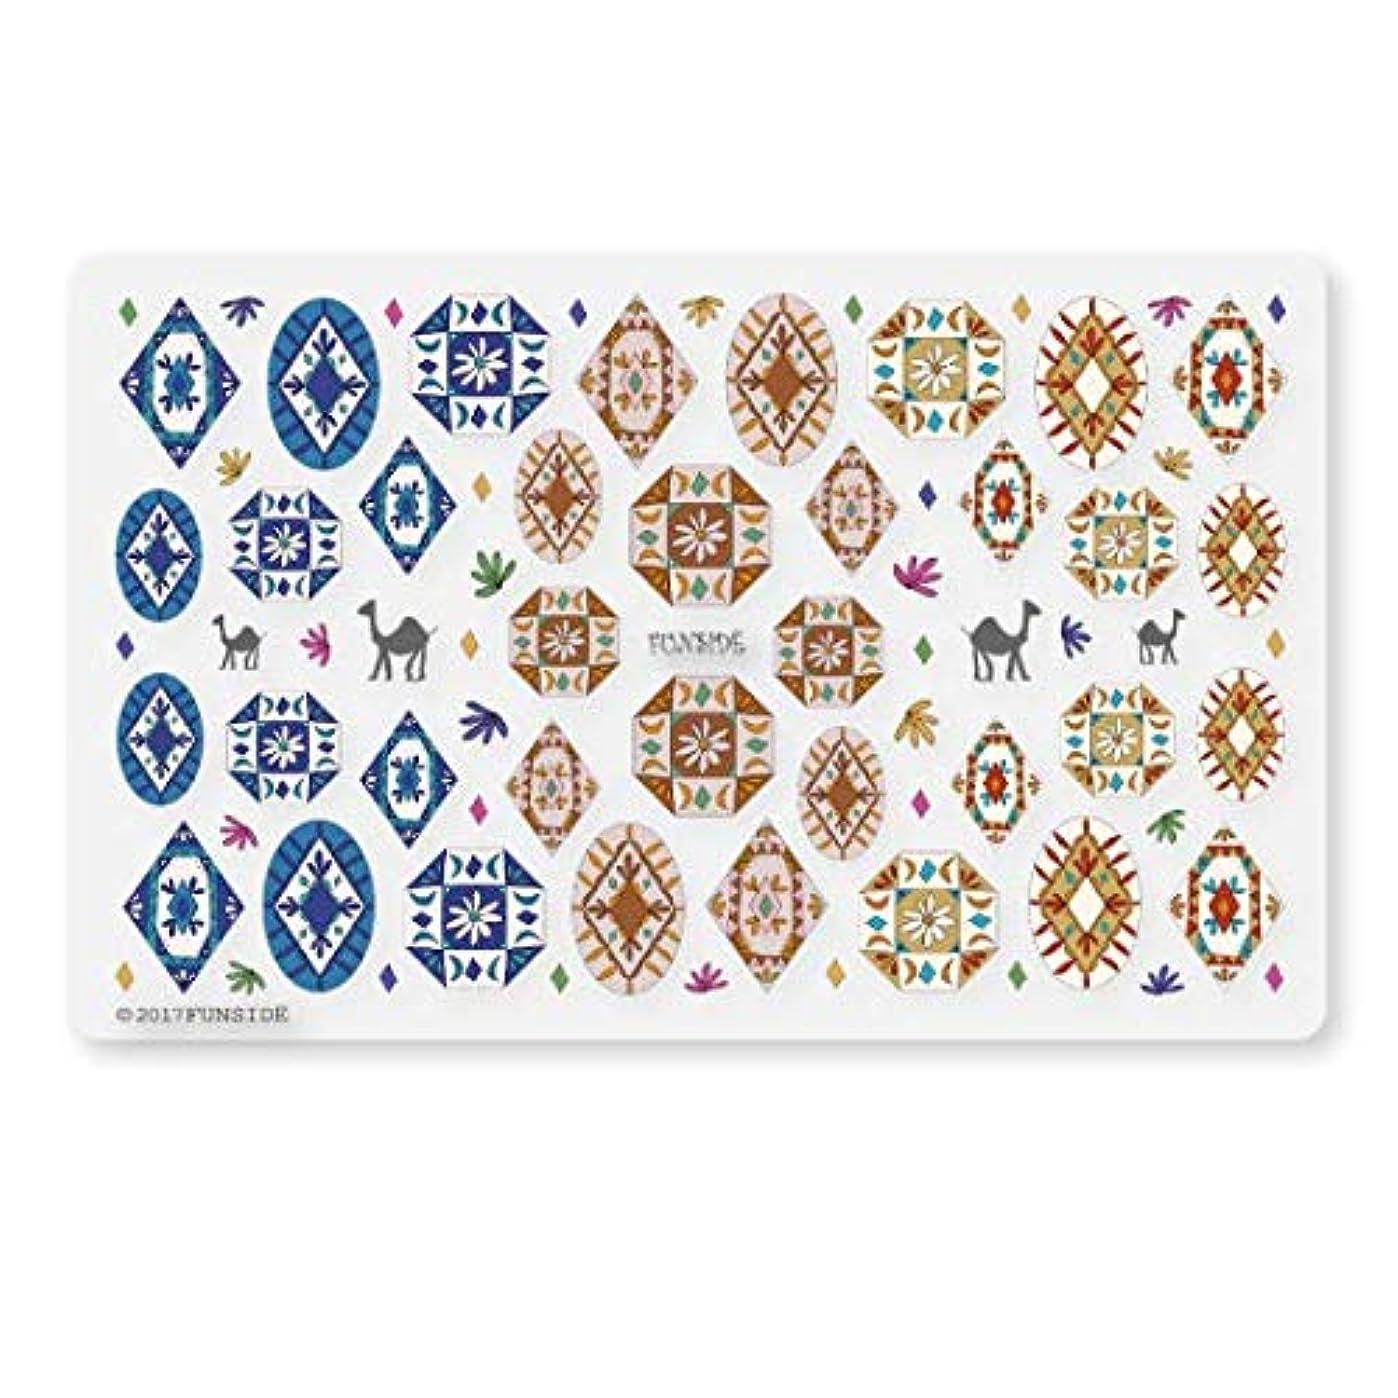 推定する先入観つぶす未硬化ジェル対応 Morocco モロッコ ネイルシール ネイルステッカー 民族 エスニック ボヘミアン 貼りやすい 貼るだけ 極薄シート 日本製